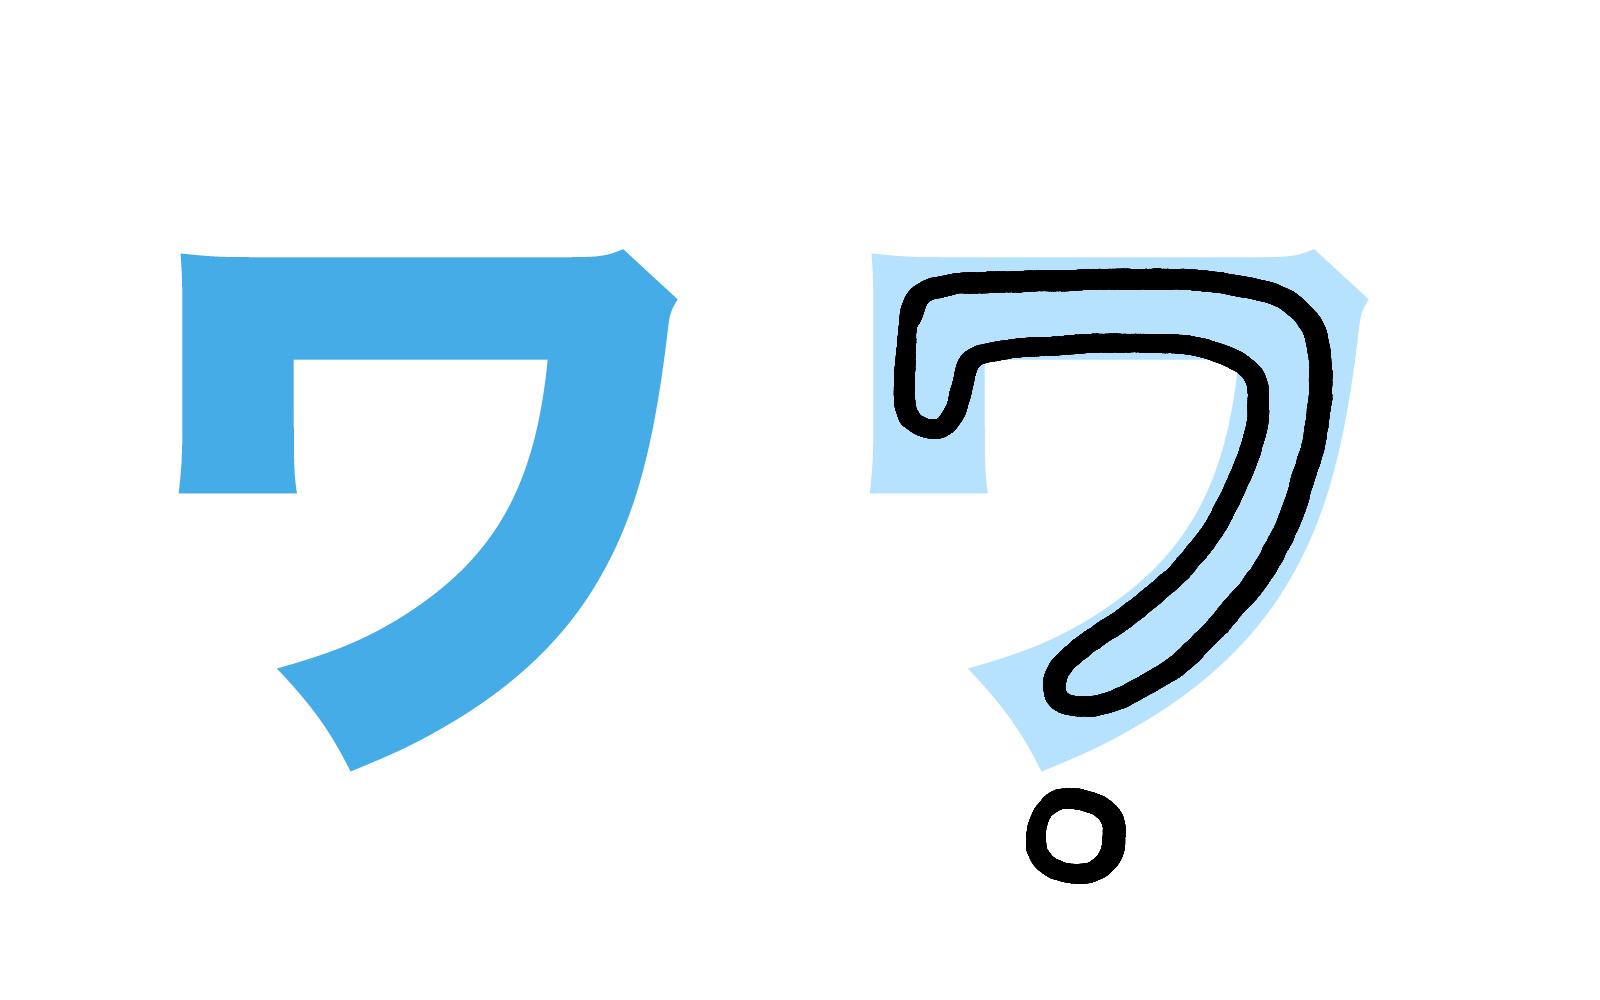 Katakana character ワ mnemonic